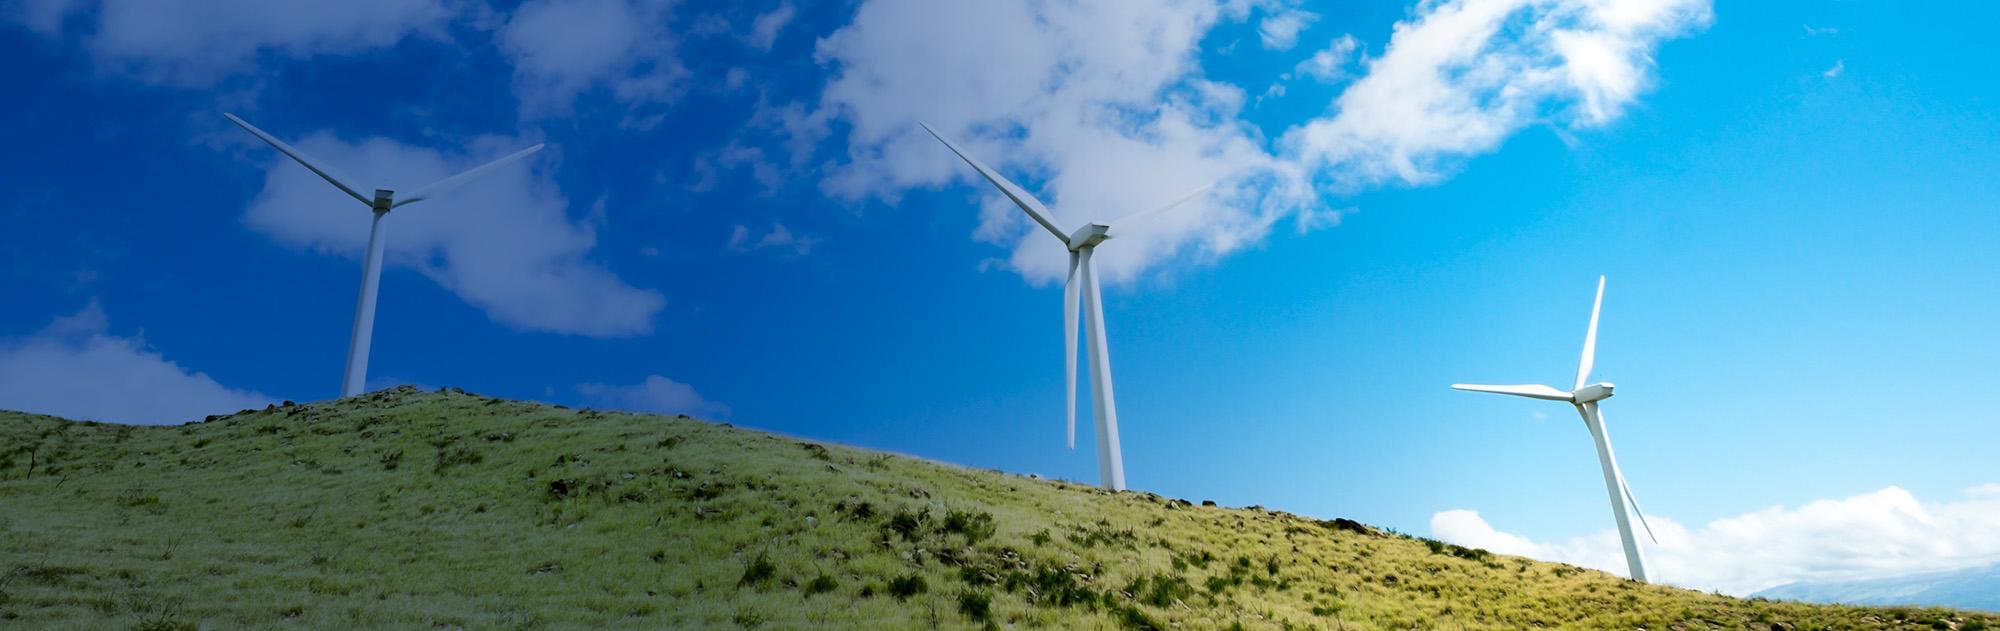 clean-energy3